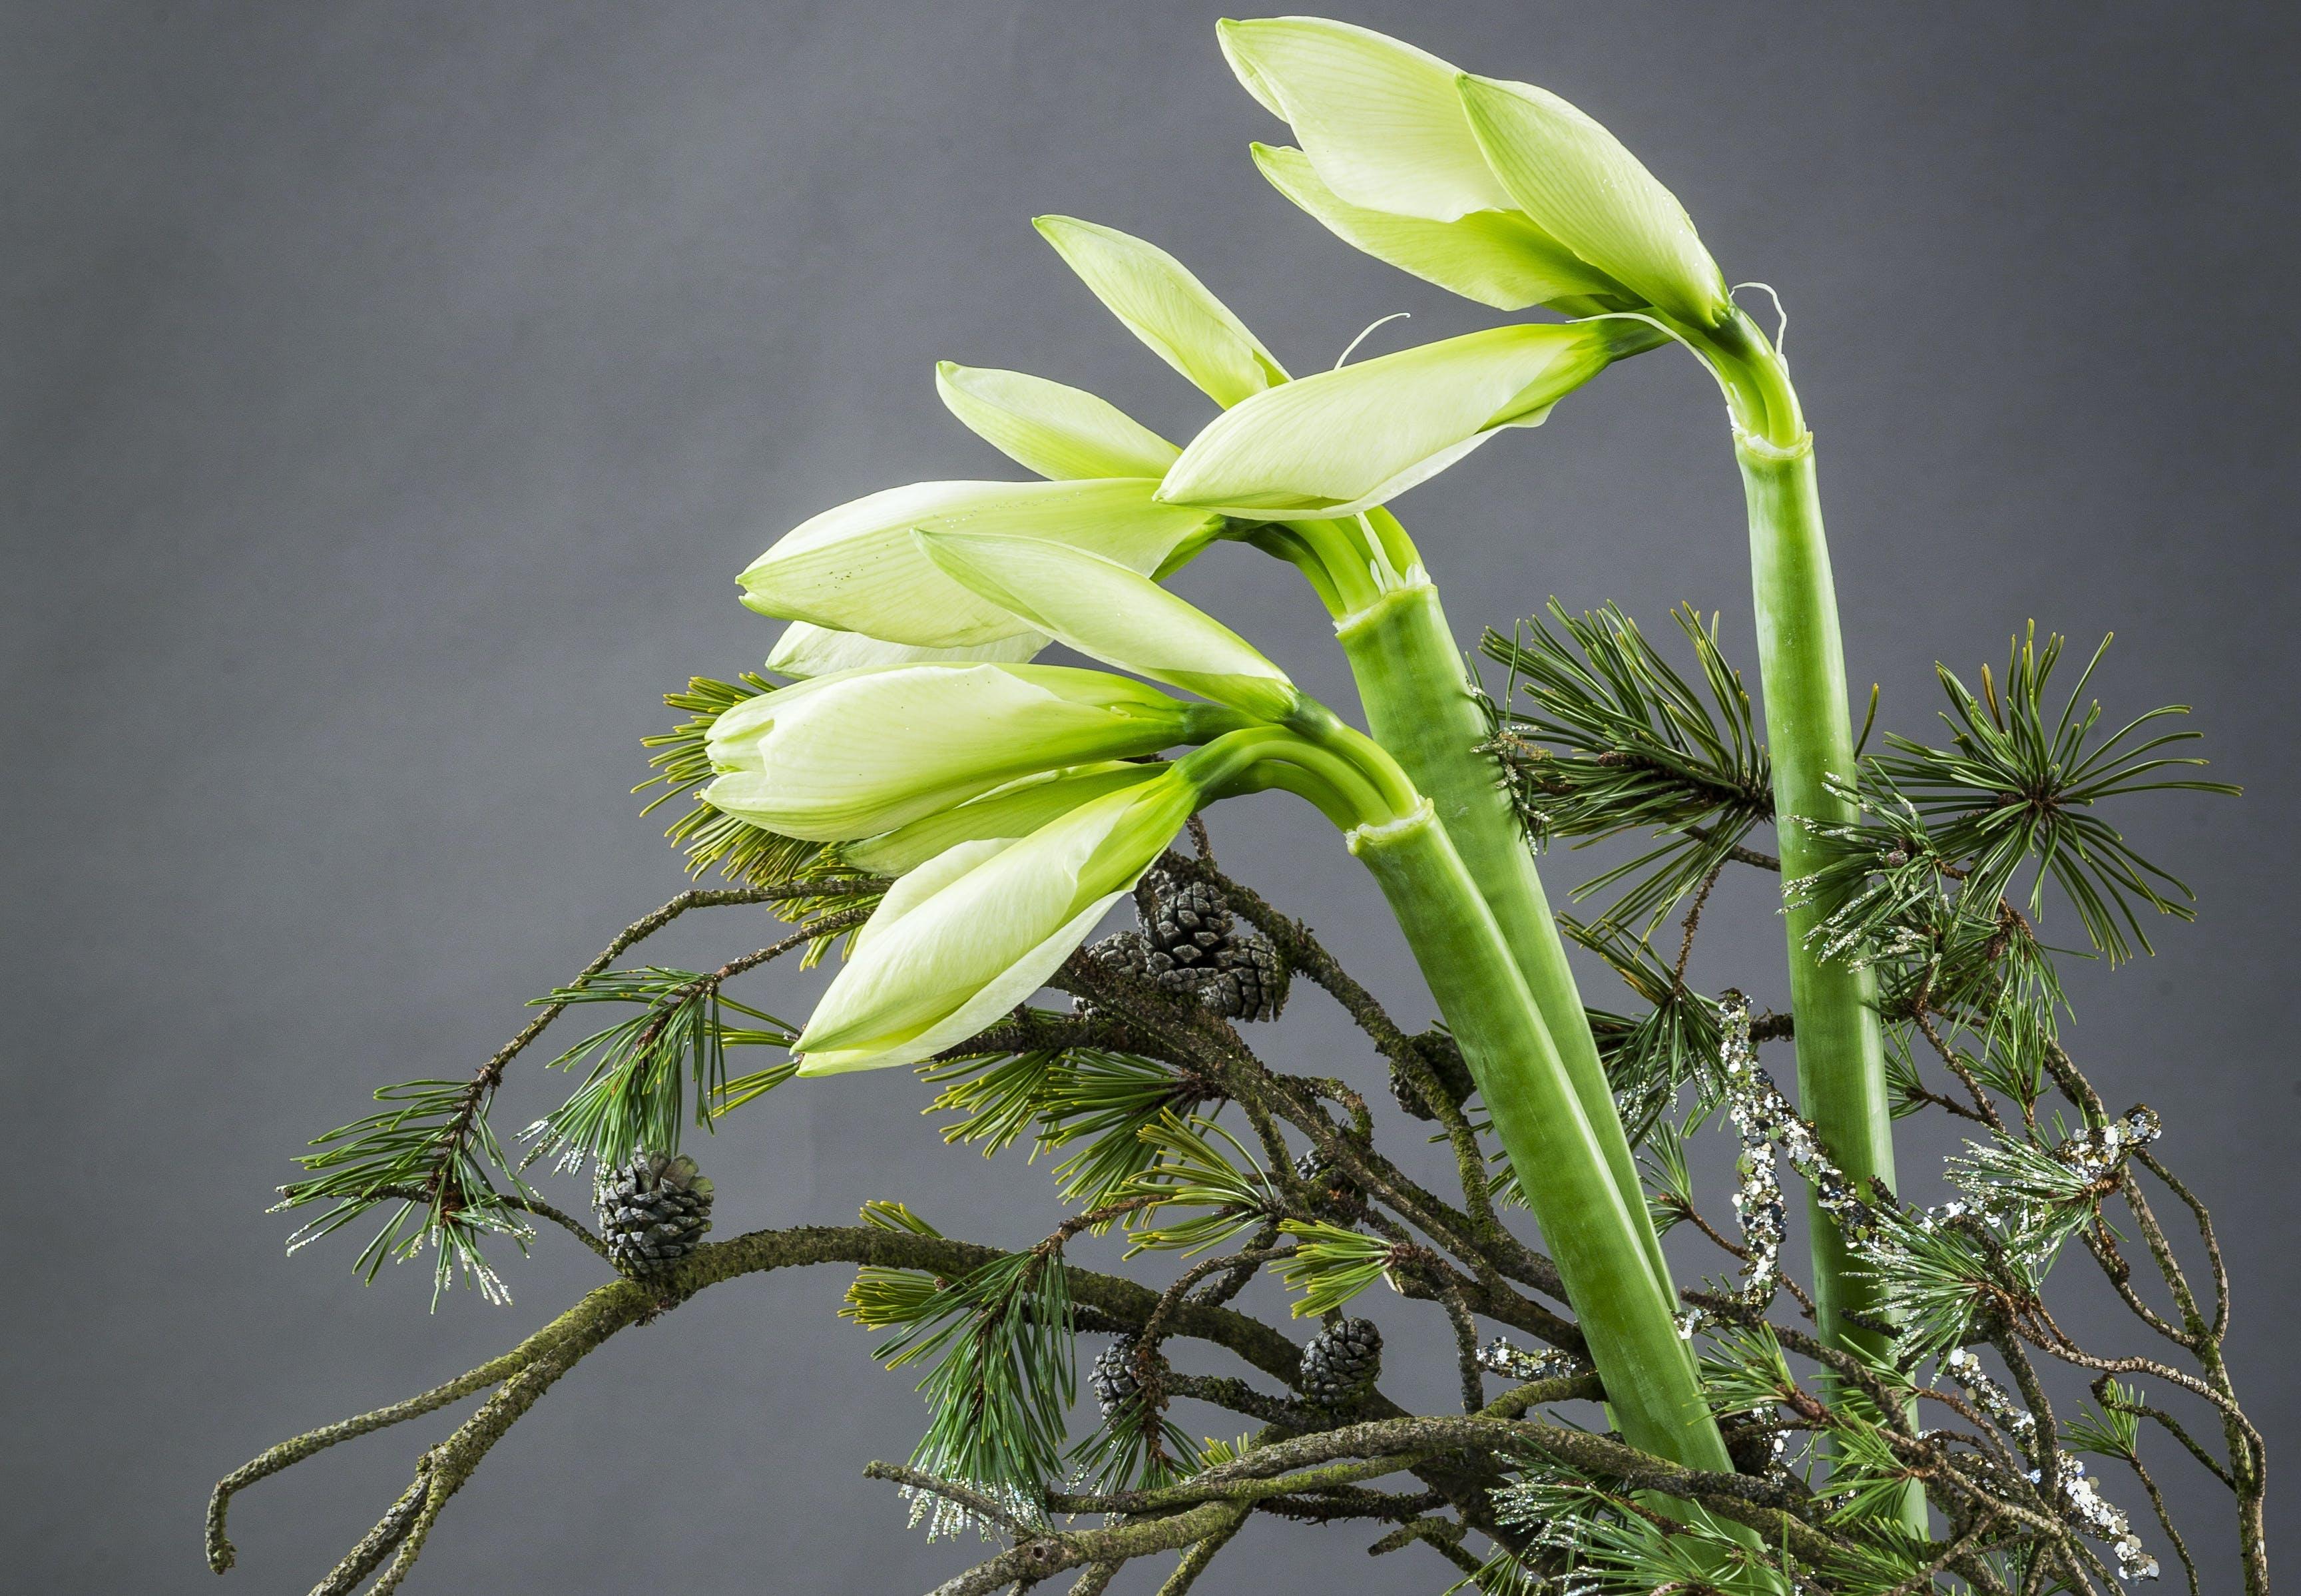 Annette von Einems julepynt amaryllis blomst med gran